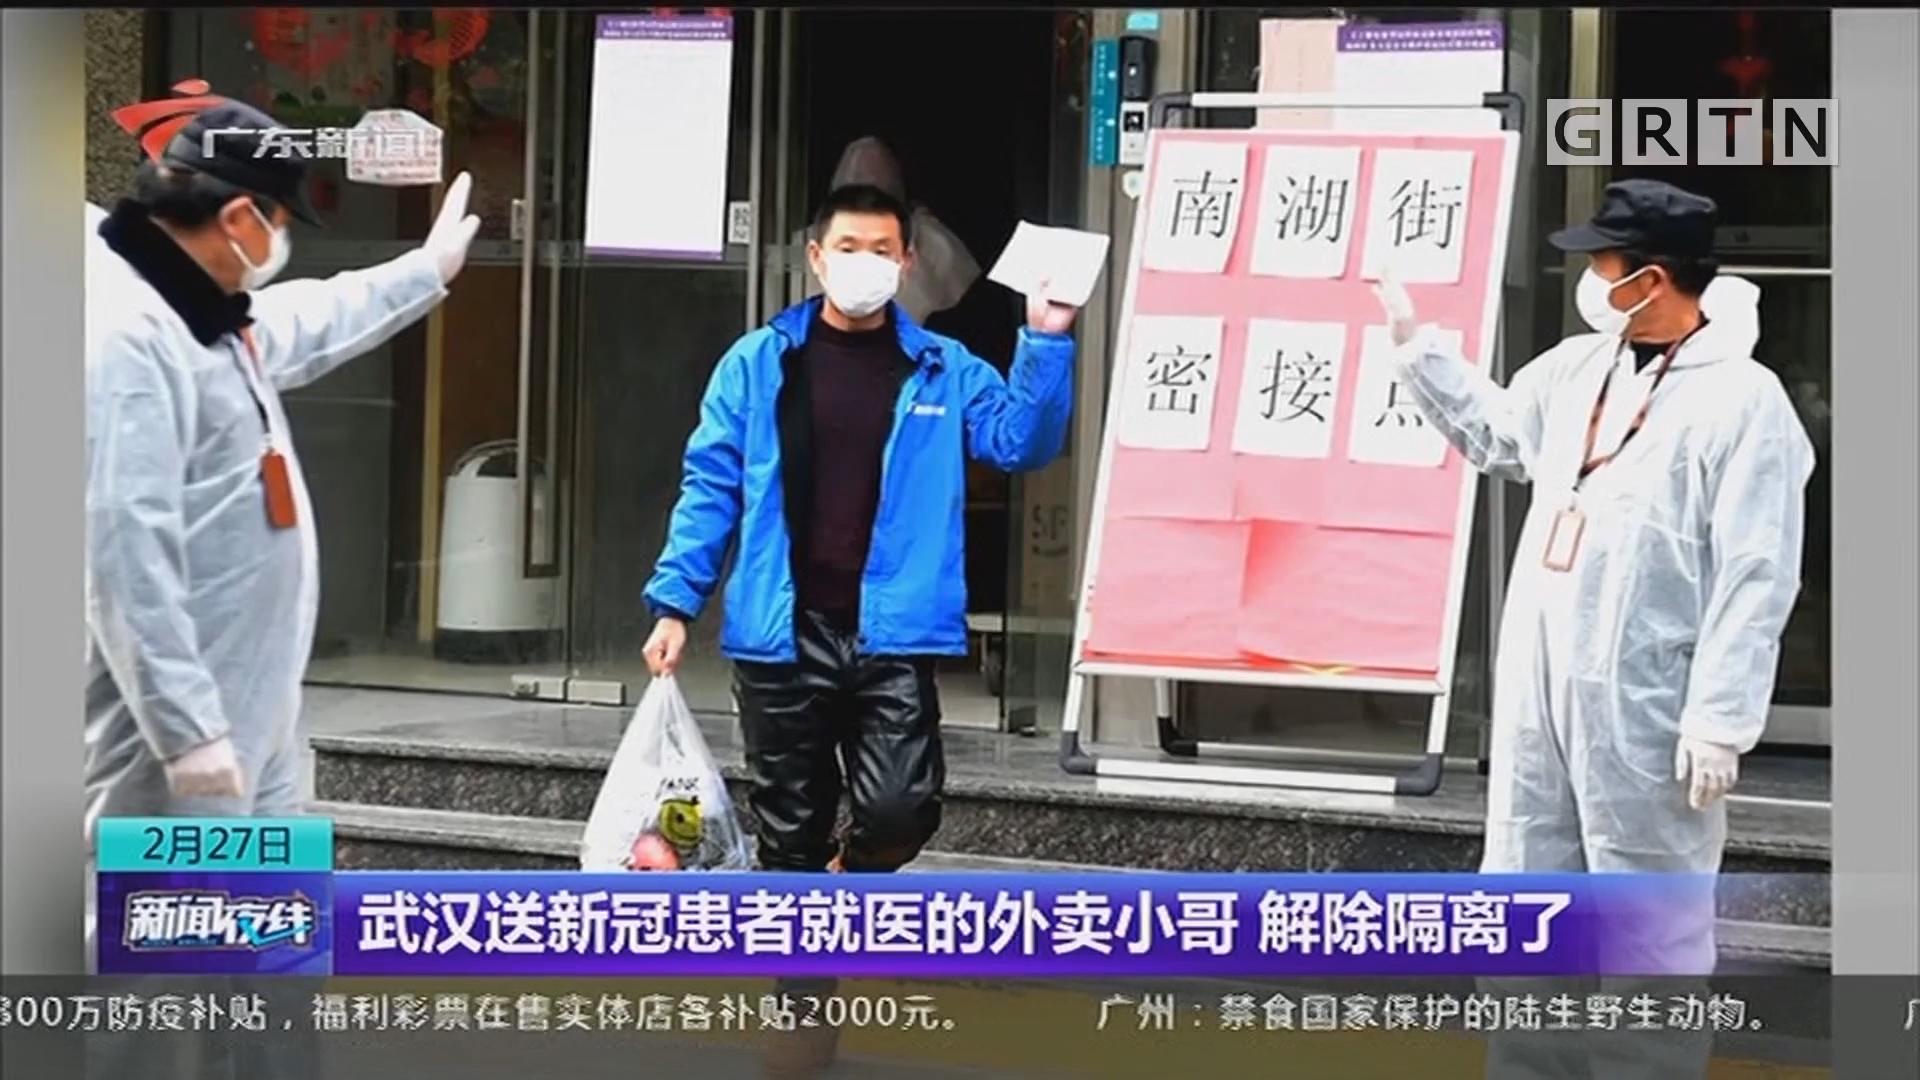 武汉送新冠患者就医的外卖小哥 解除隔离了